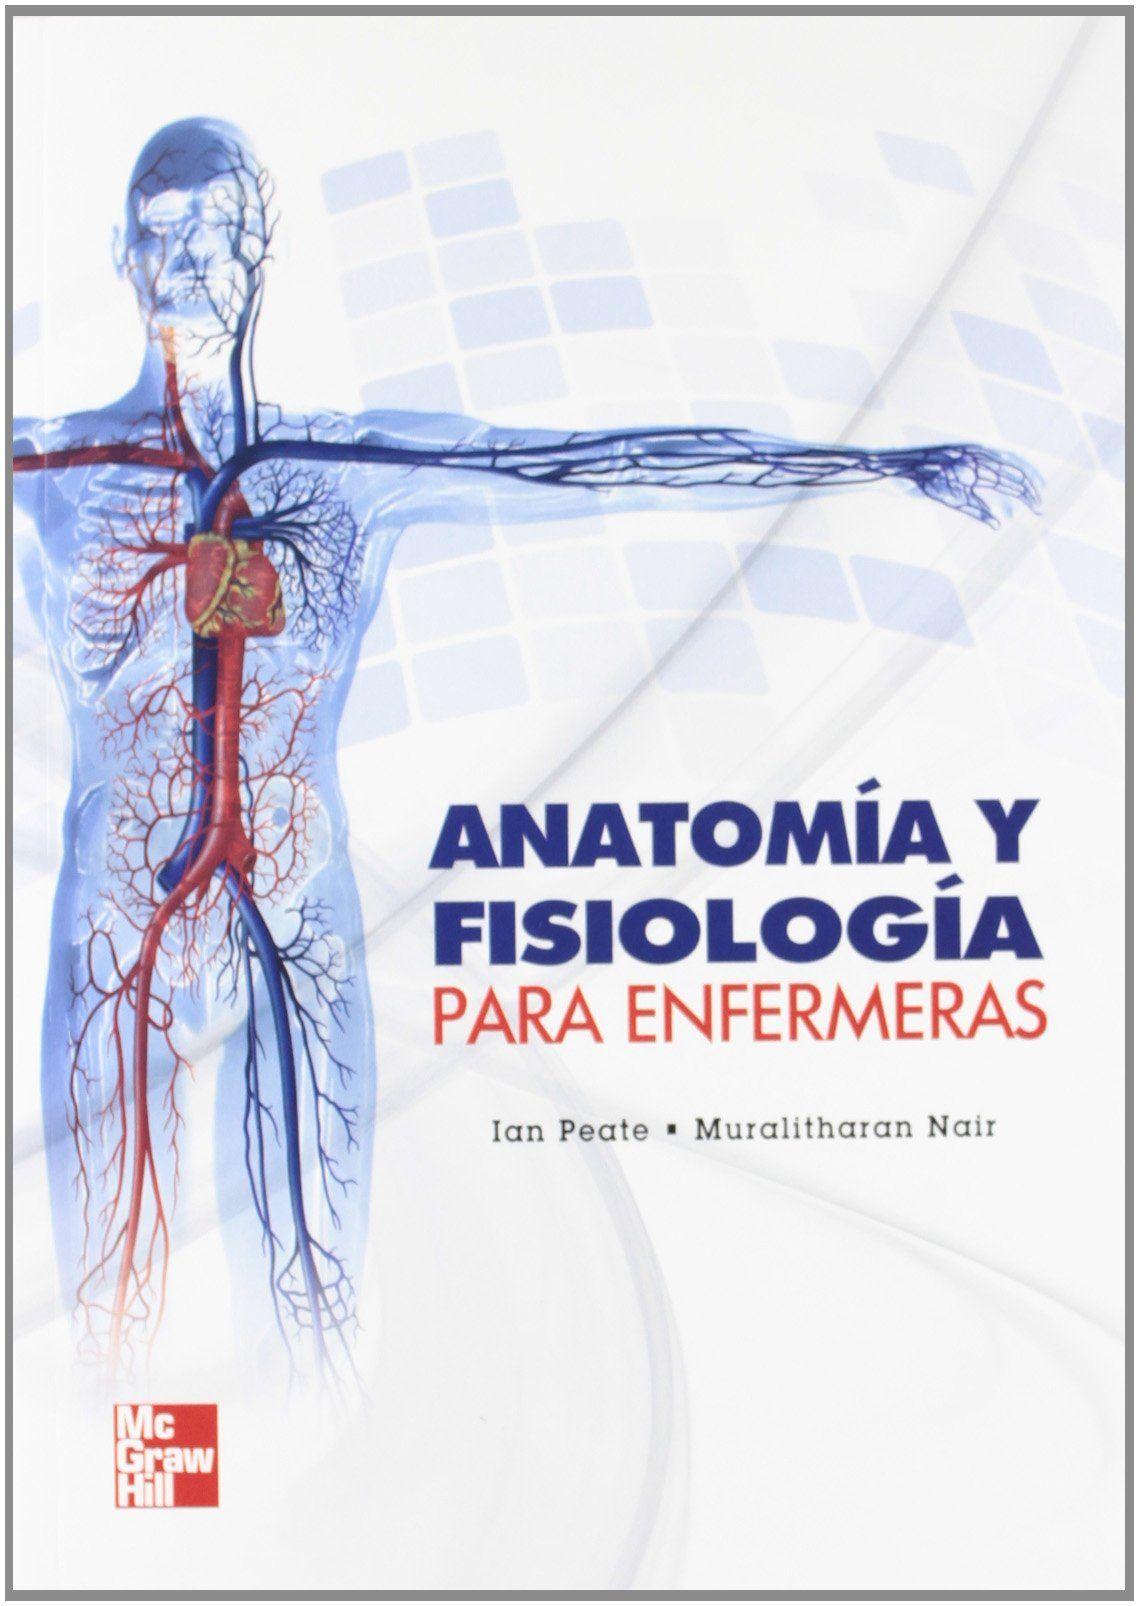 Anatomía y fisiología para enfermeras / editado por Ian Peate ...